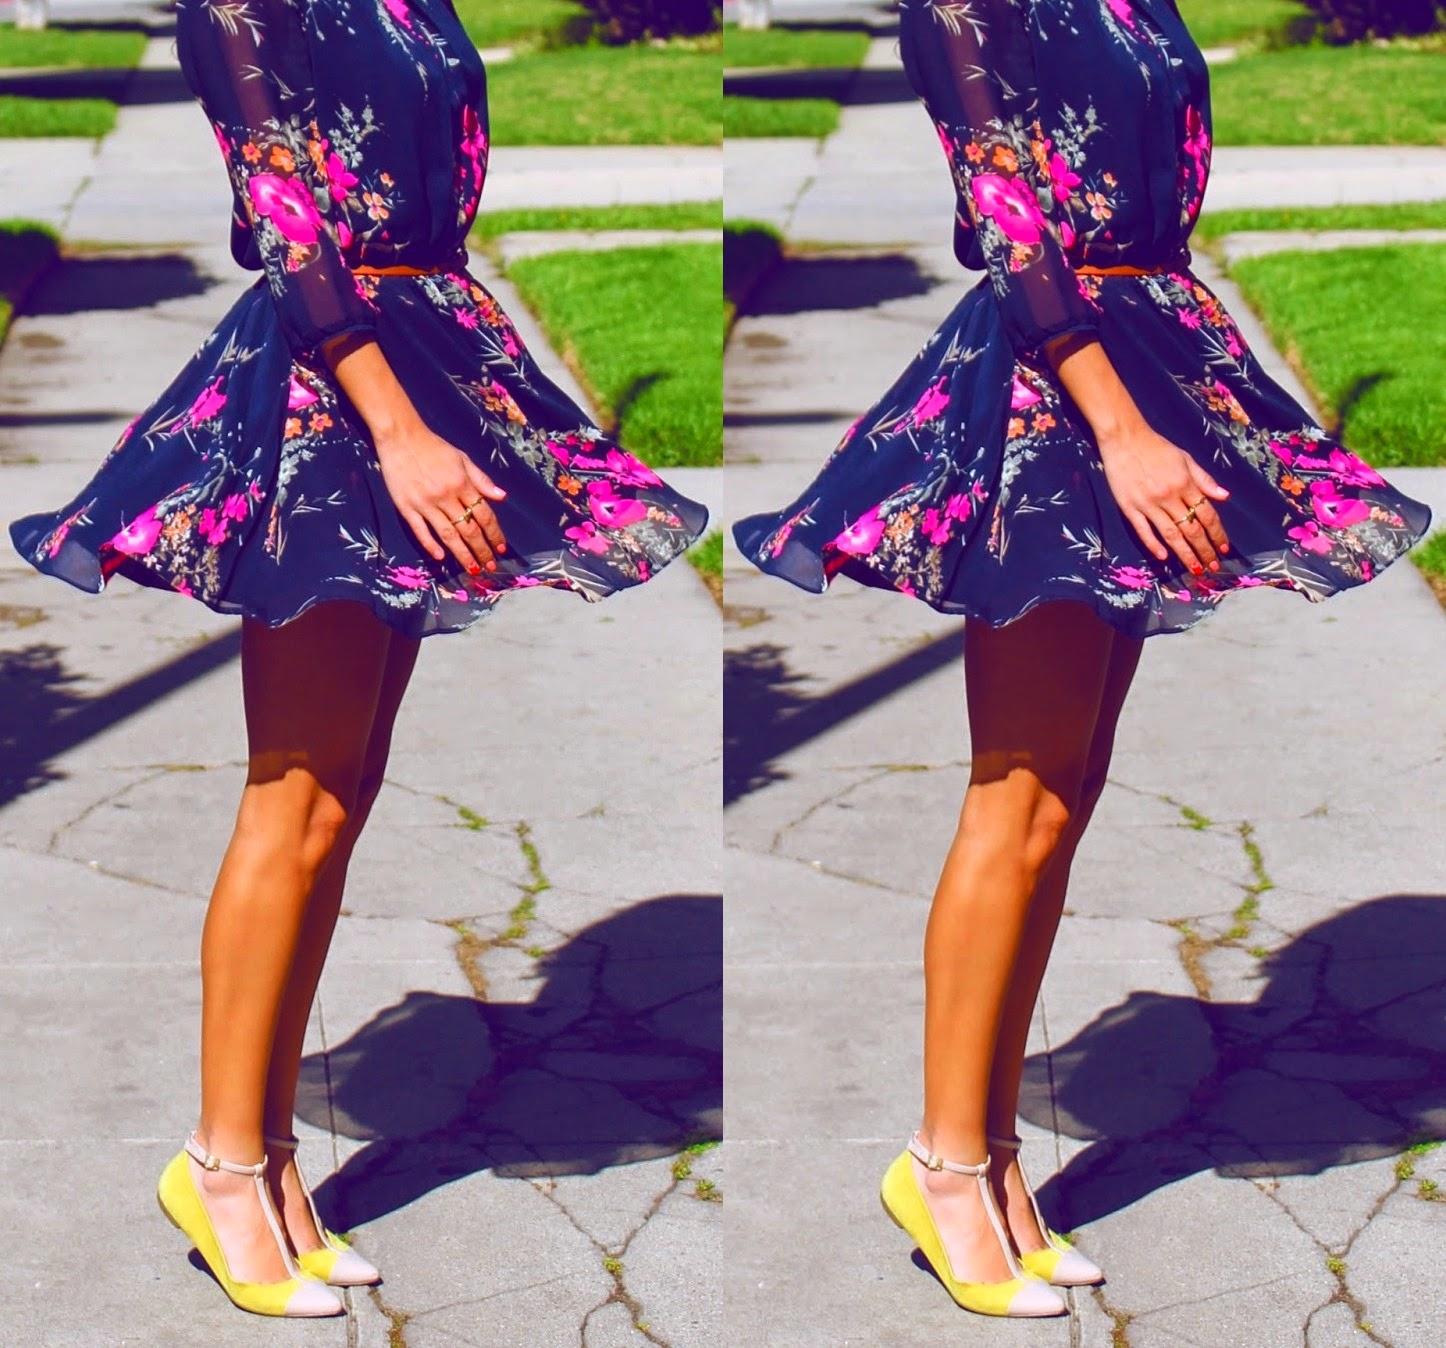 blog Gleikka, Inspirações, moda, vestidos, vestido e sapatilha, outono 2014, moda divertida, look colorido